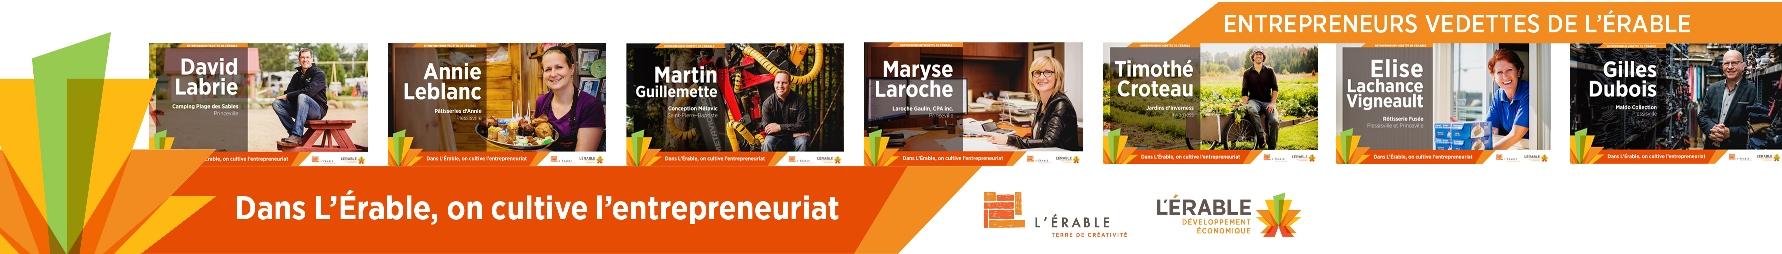 Sept entrepreneurs vedettes de L'Érable